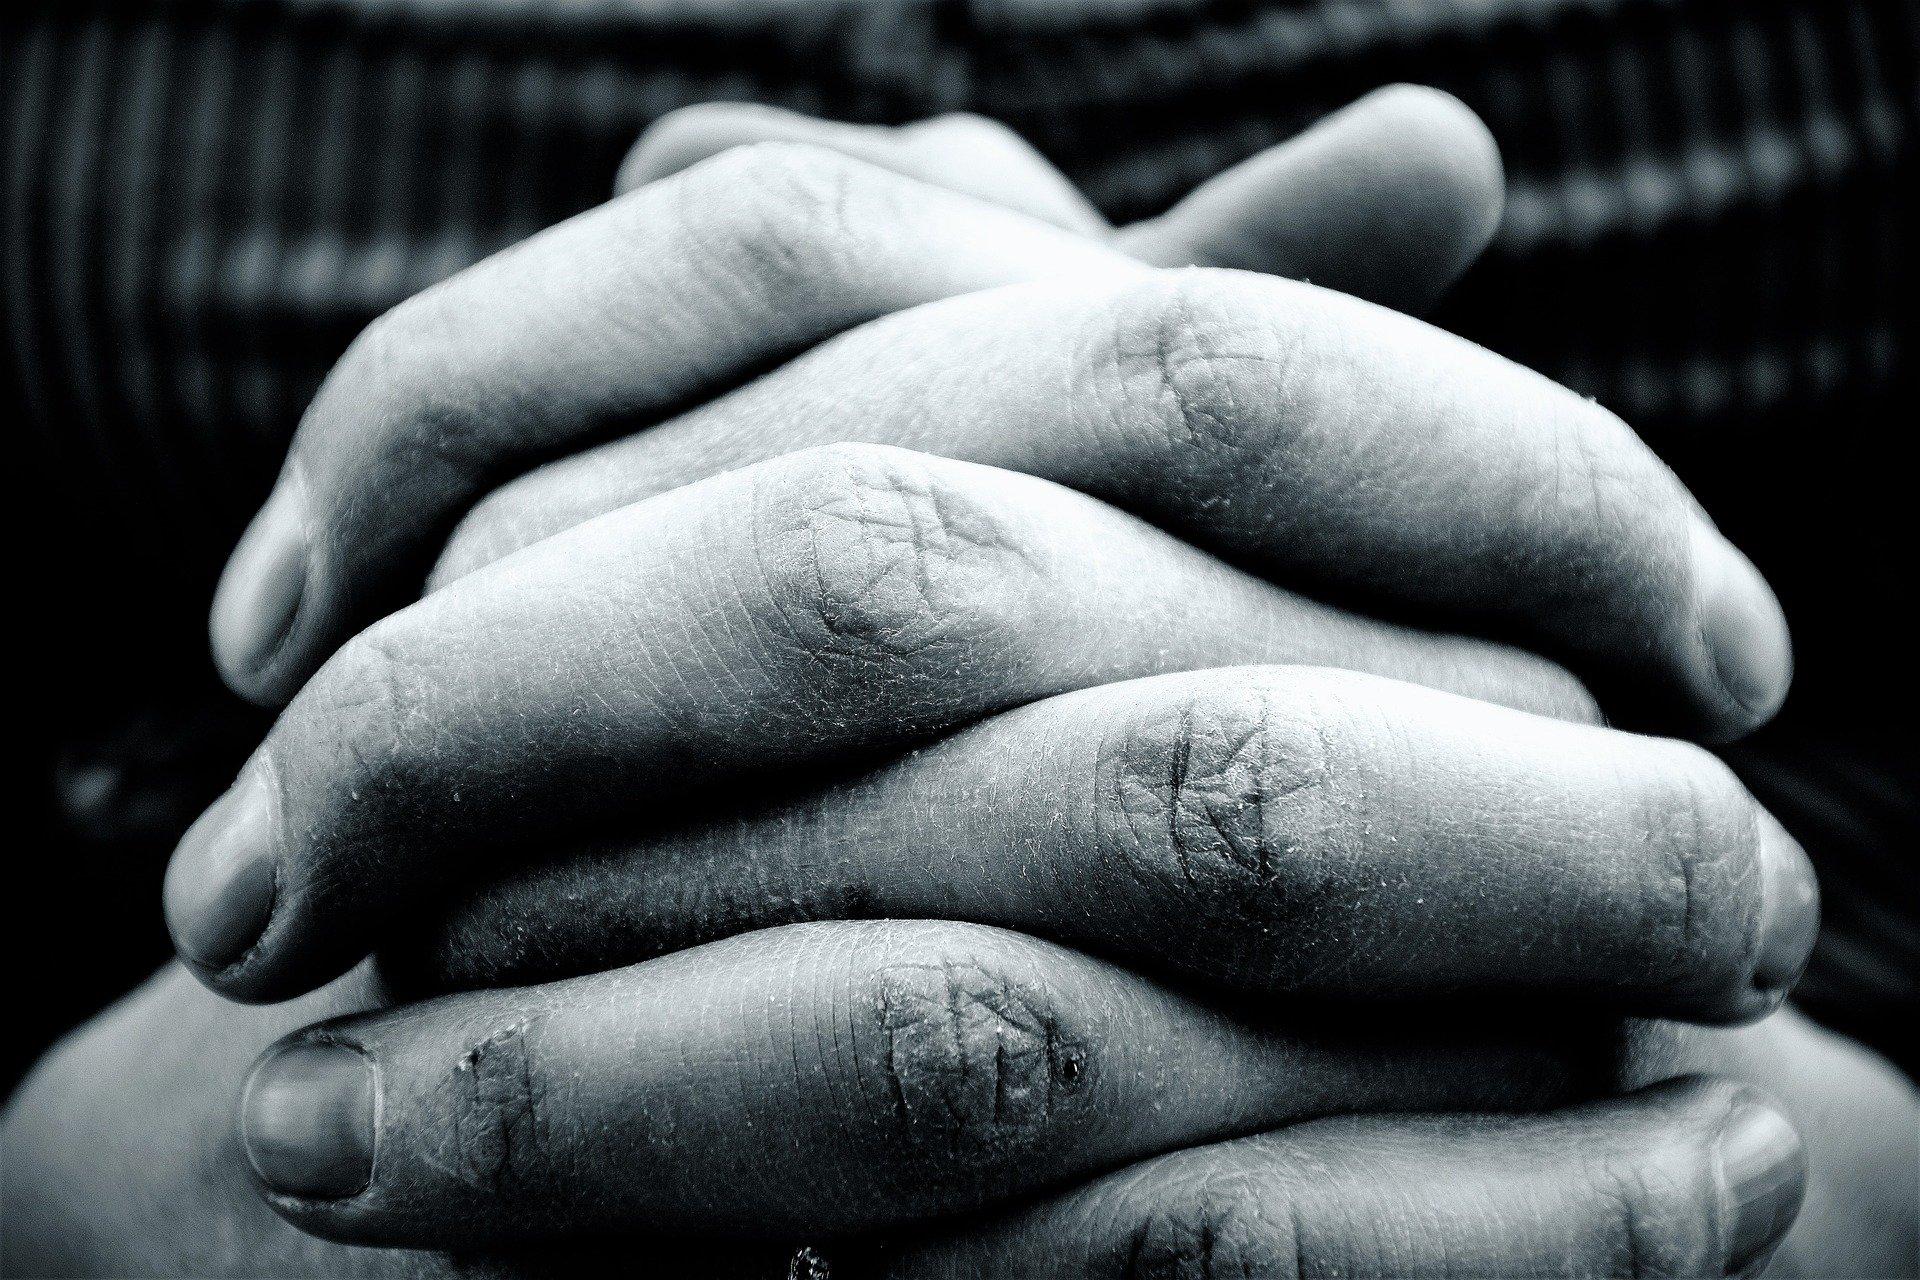 hands-2274255_1920